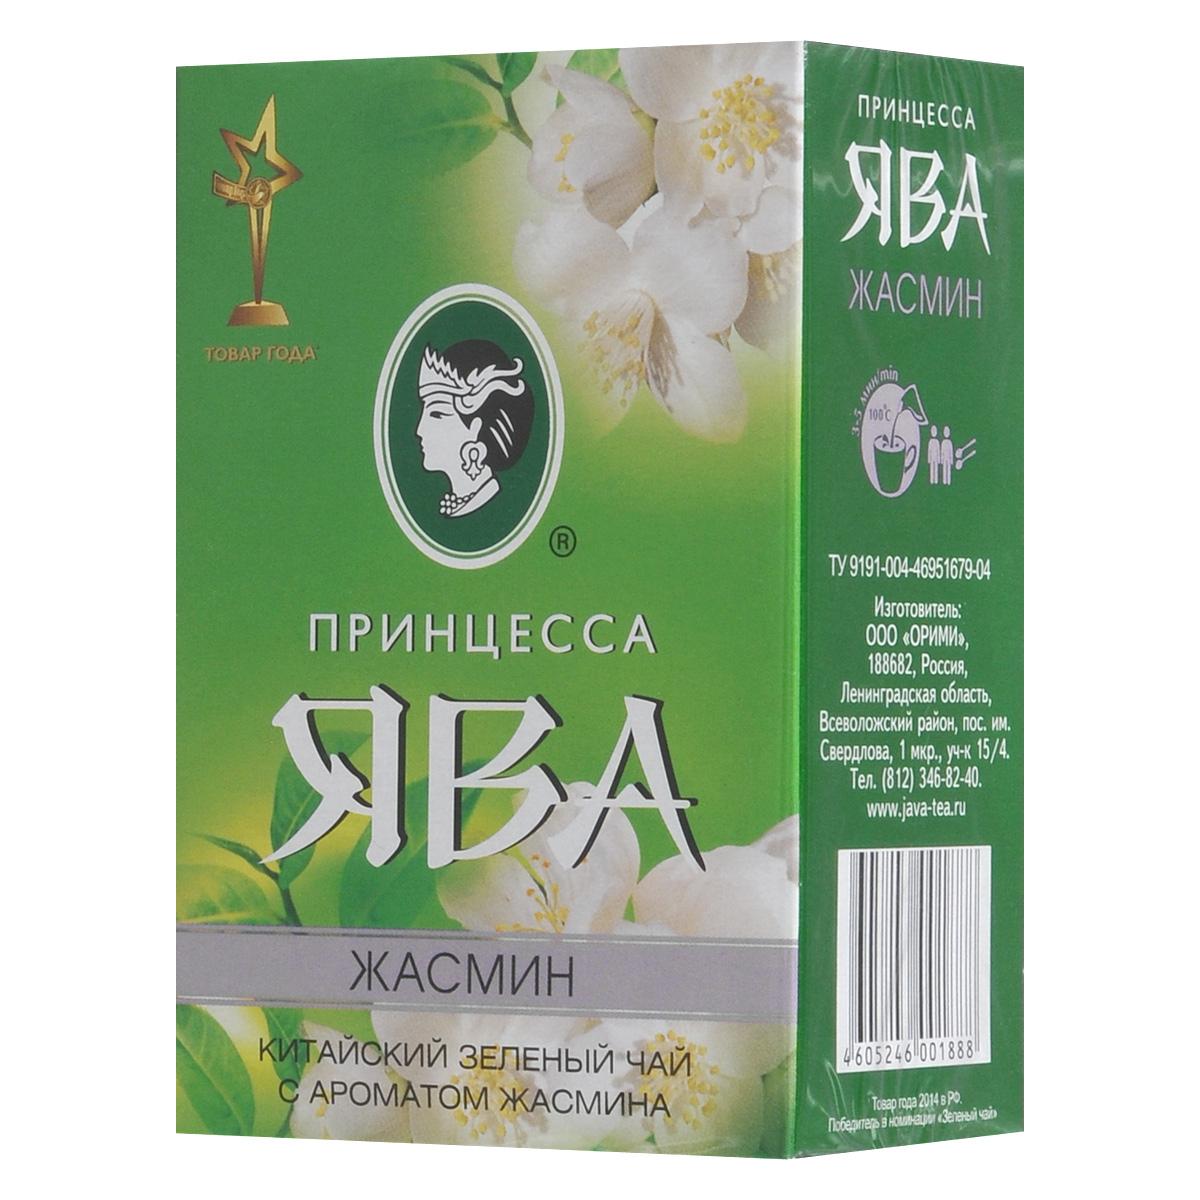 Принцесса Ява Жасмин зеленый ароматизированный чай листовой, 100 г0188-64Ароматизированный листовой зеленый чай Принцесса Ява Жасмин - это изысканная смесь китайского среднелистового чая и лепестков жасмина. Чай отличается тонким вкусом и нежным ароматом жасмина, который стимулирует функции головного мозга, а также оказывает освежающее воздействие.